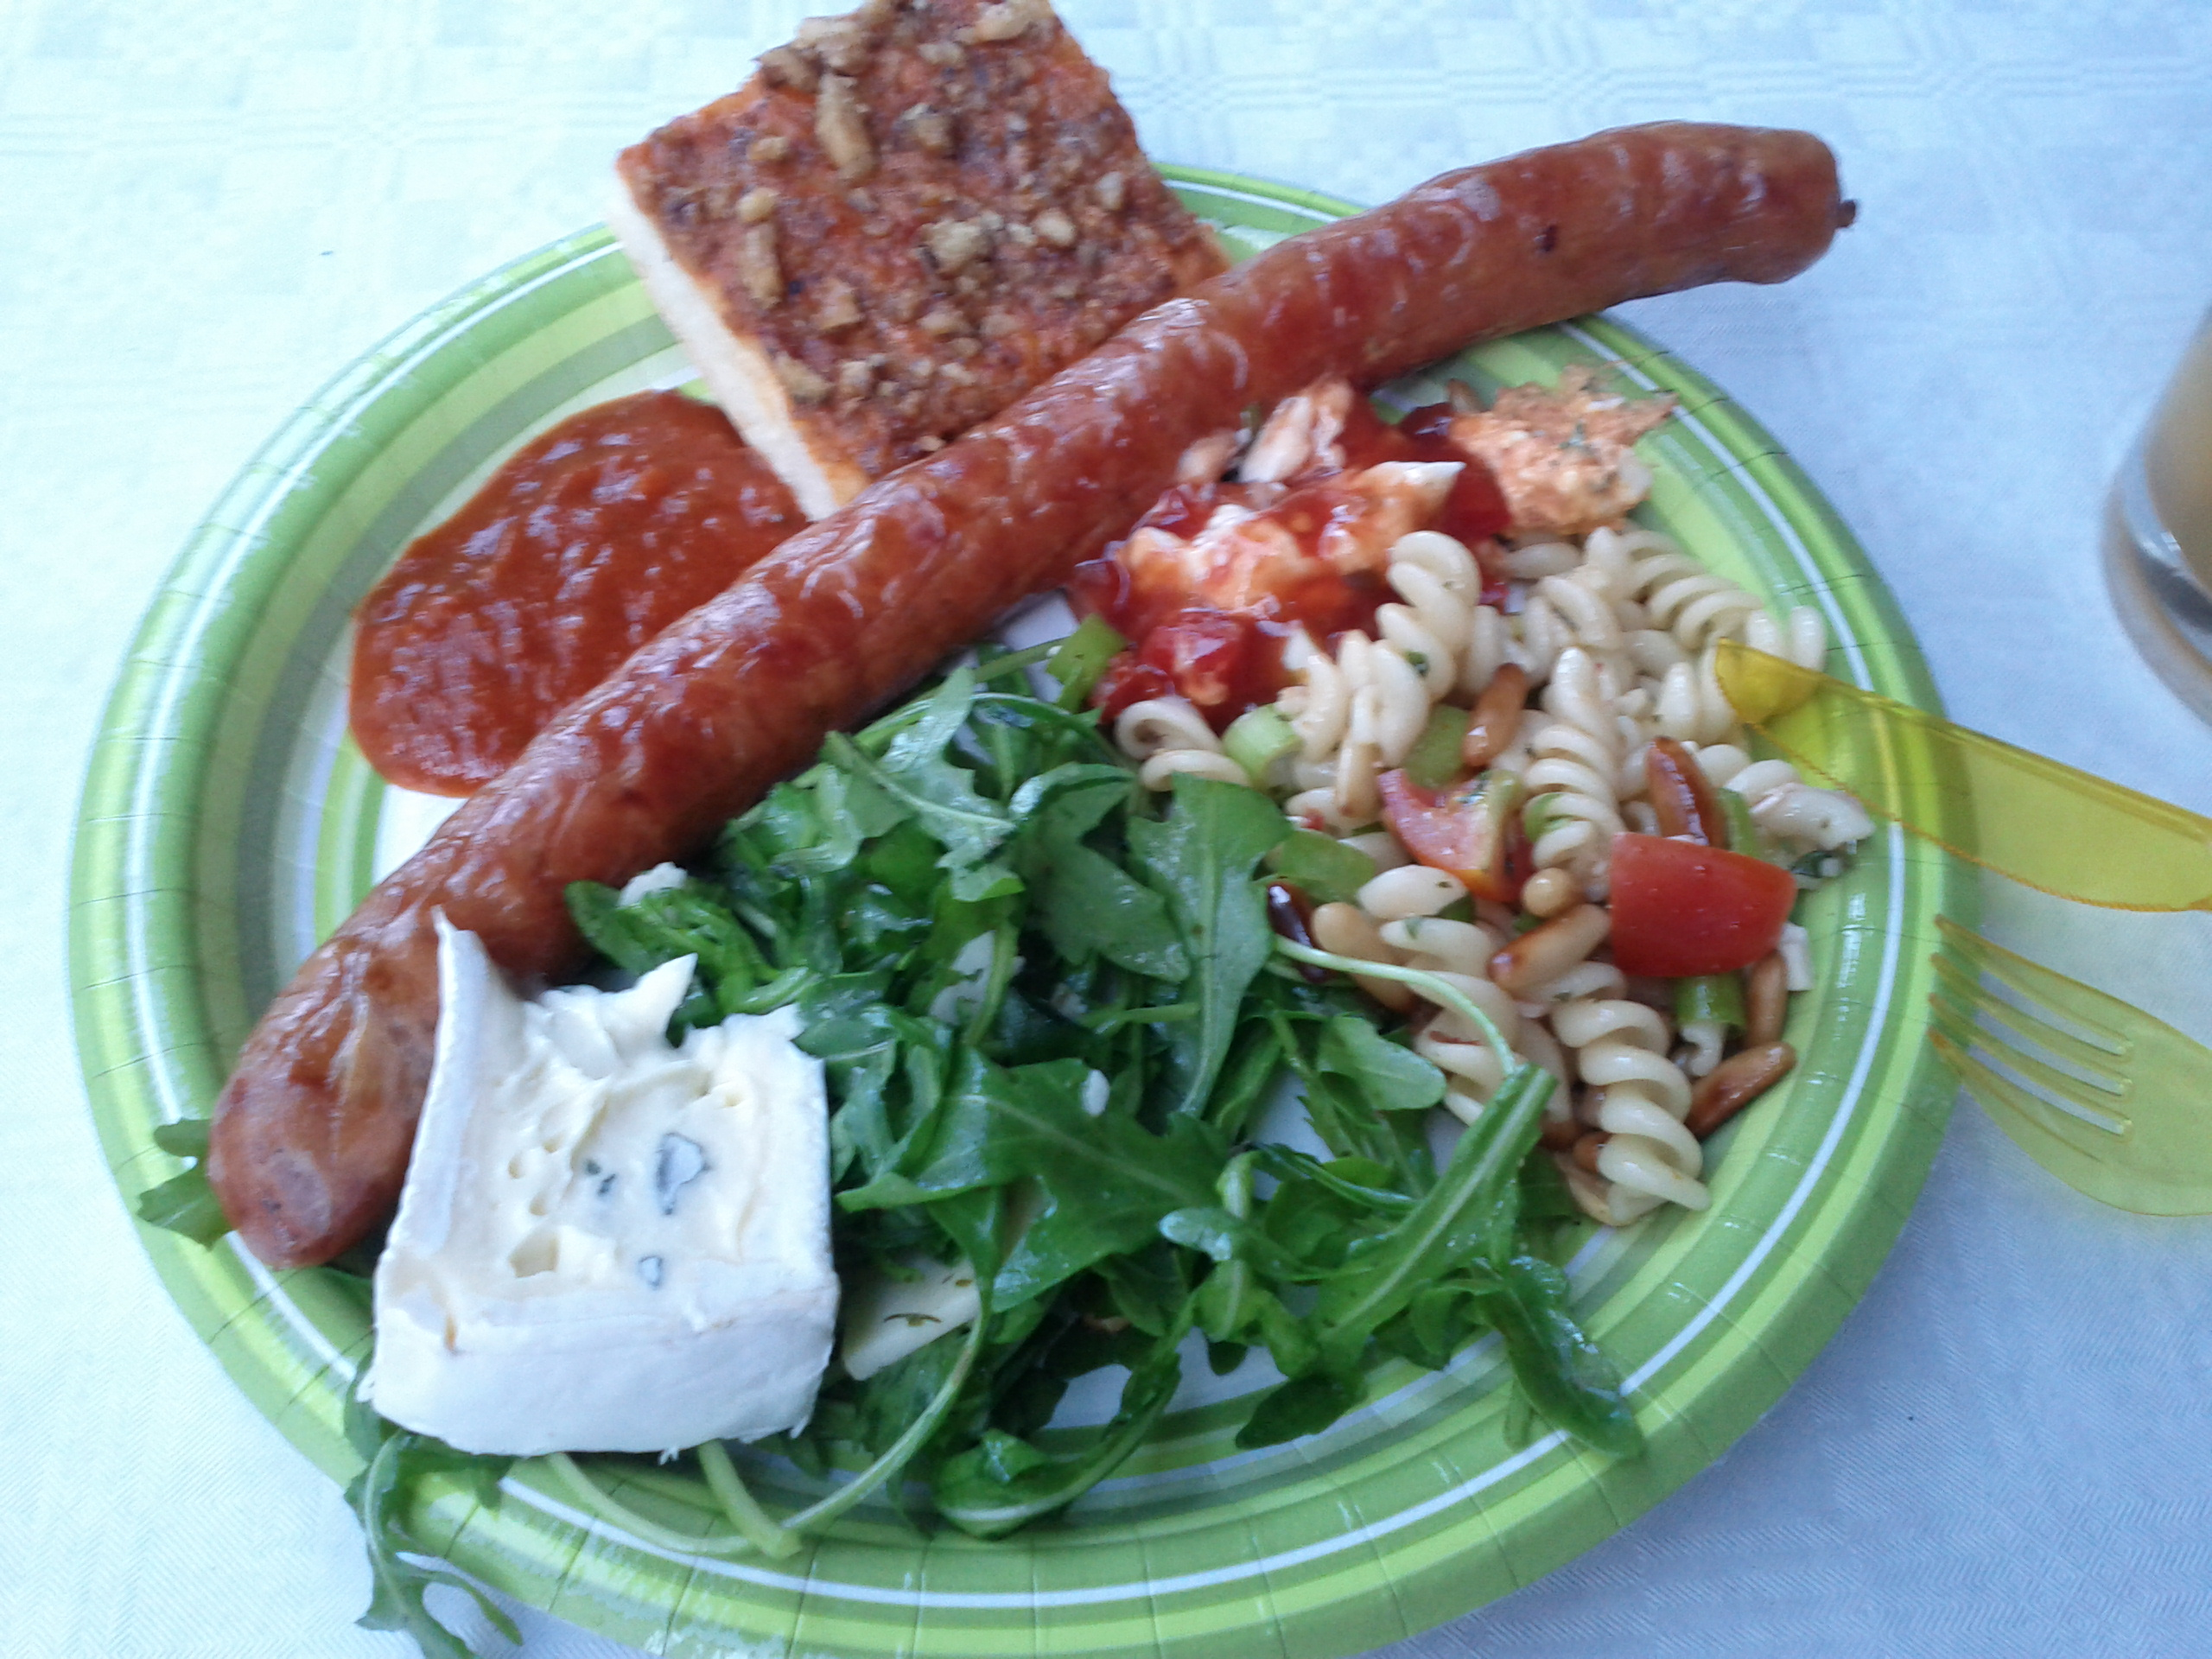 http://foodloader.net/bl1nk_2012-08-18_Grillen.jpg